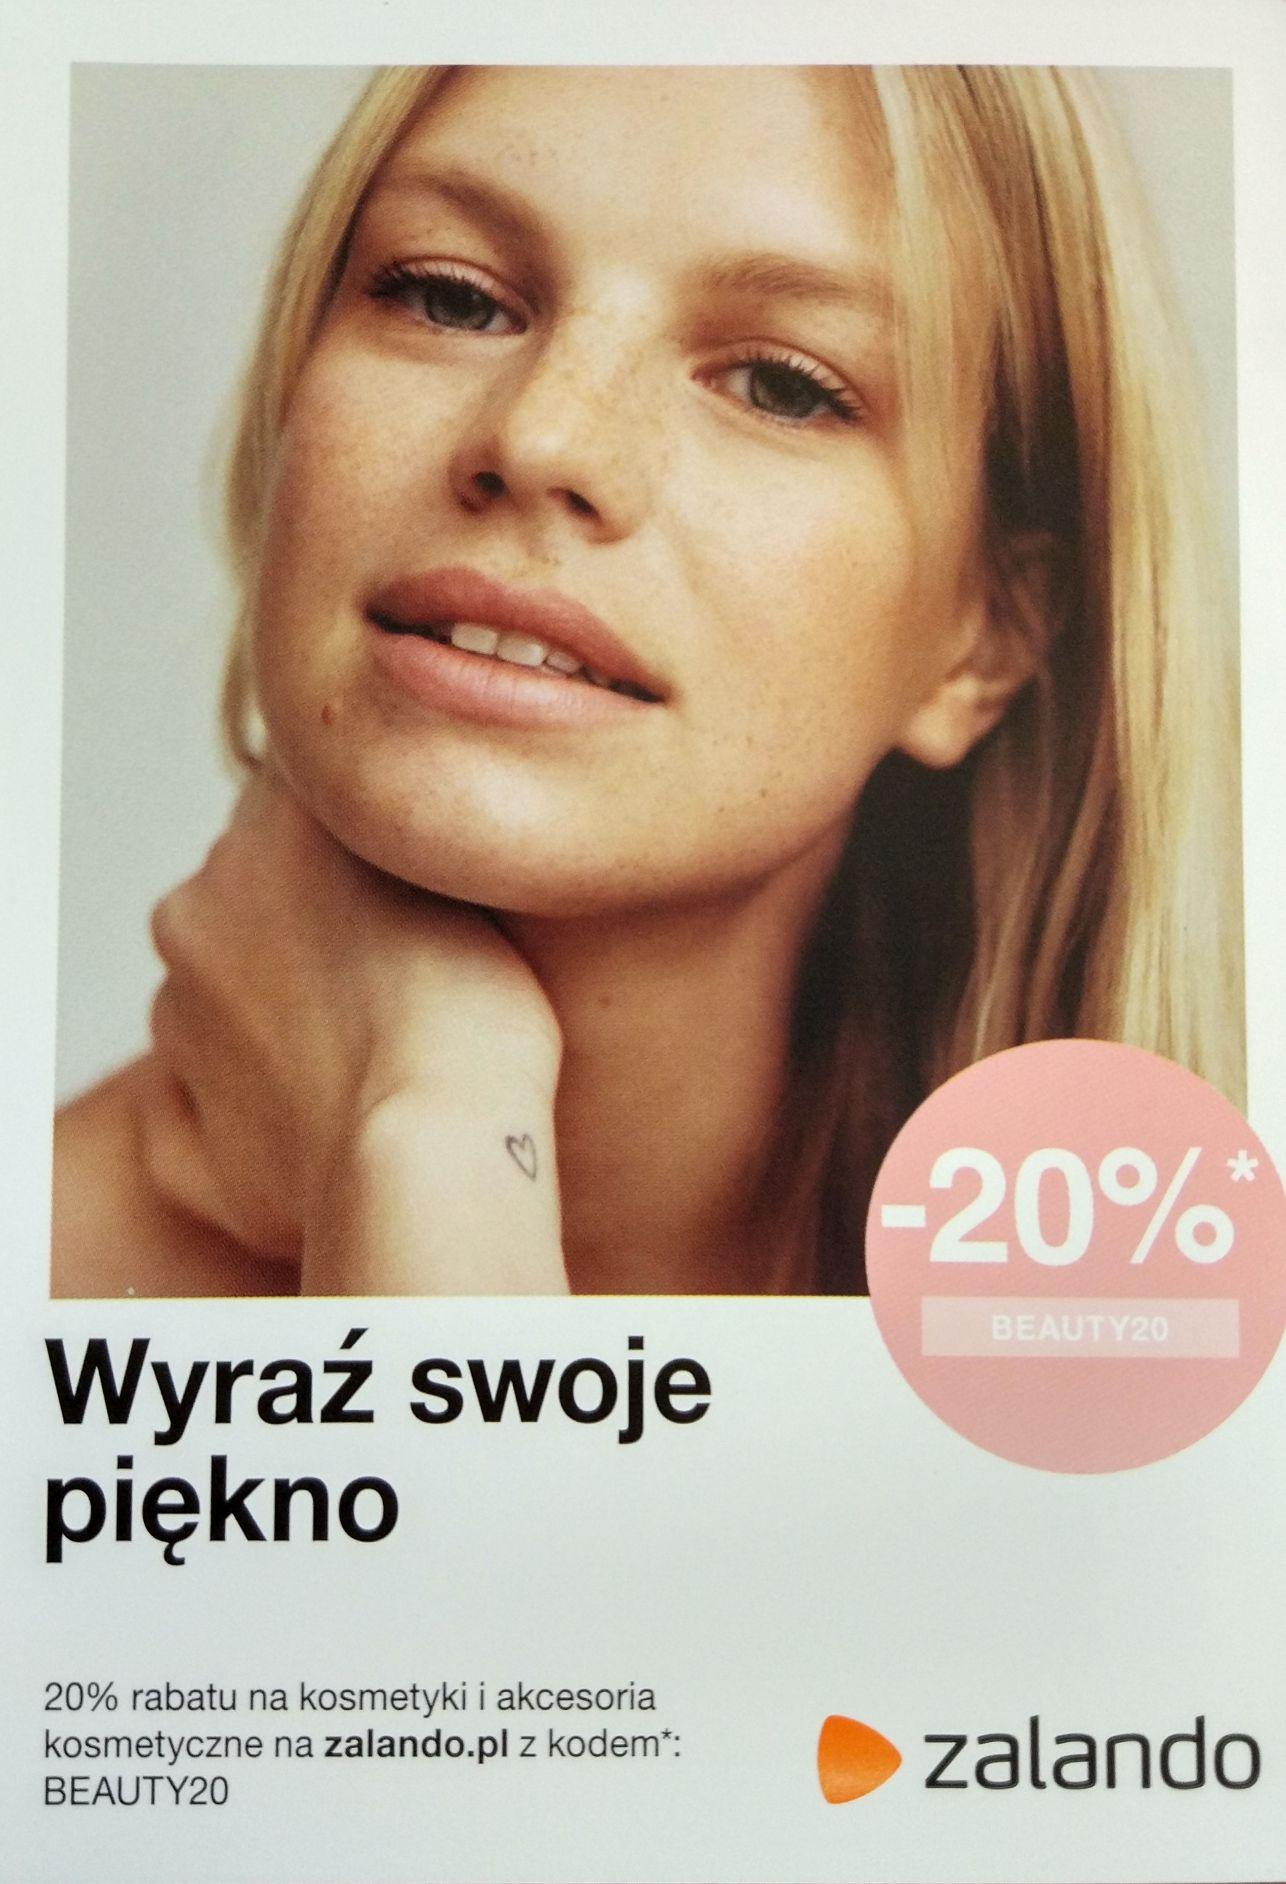 20% rabatu na kosmetyki i akcesoria kosmetyczne w Zalando (działa również na już przecenione)